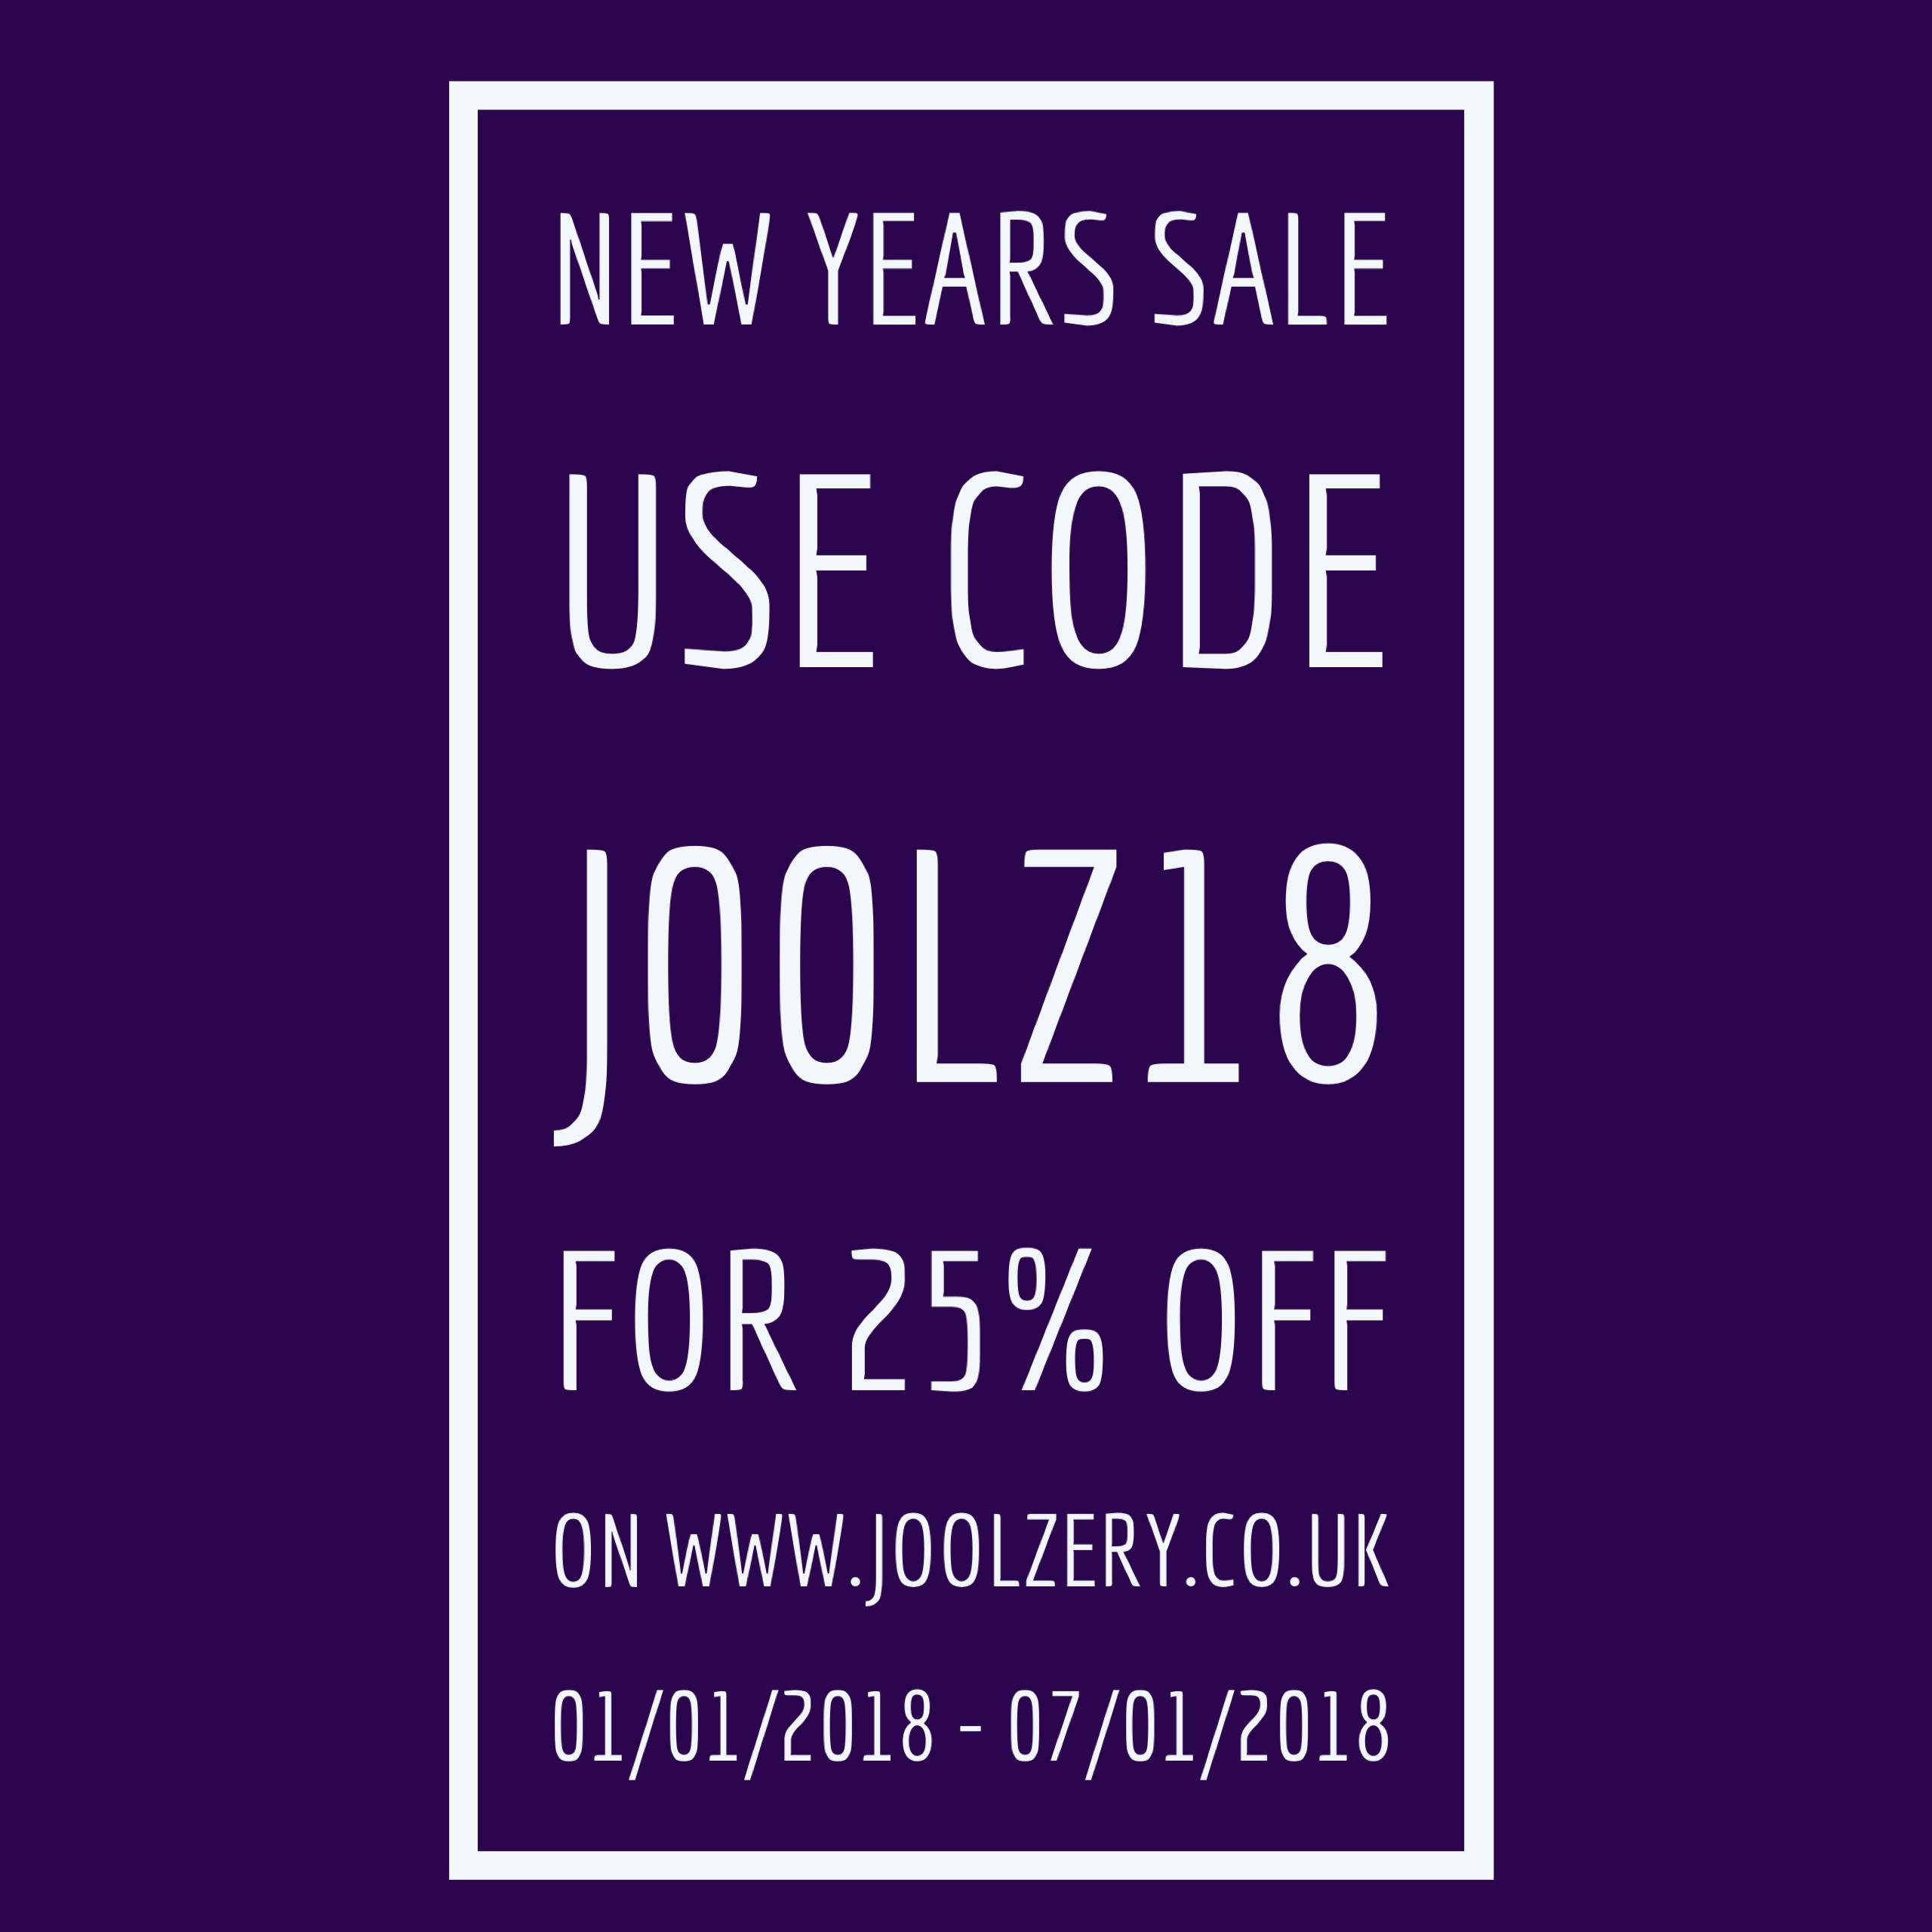 Joolzery January Sales Code